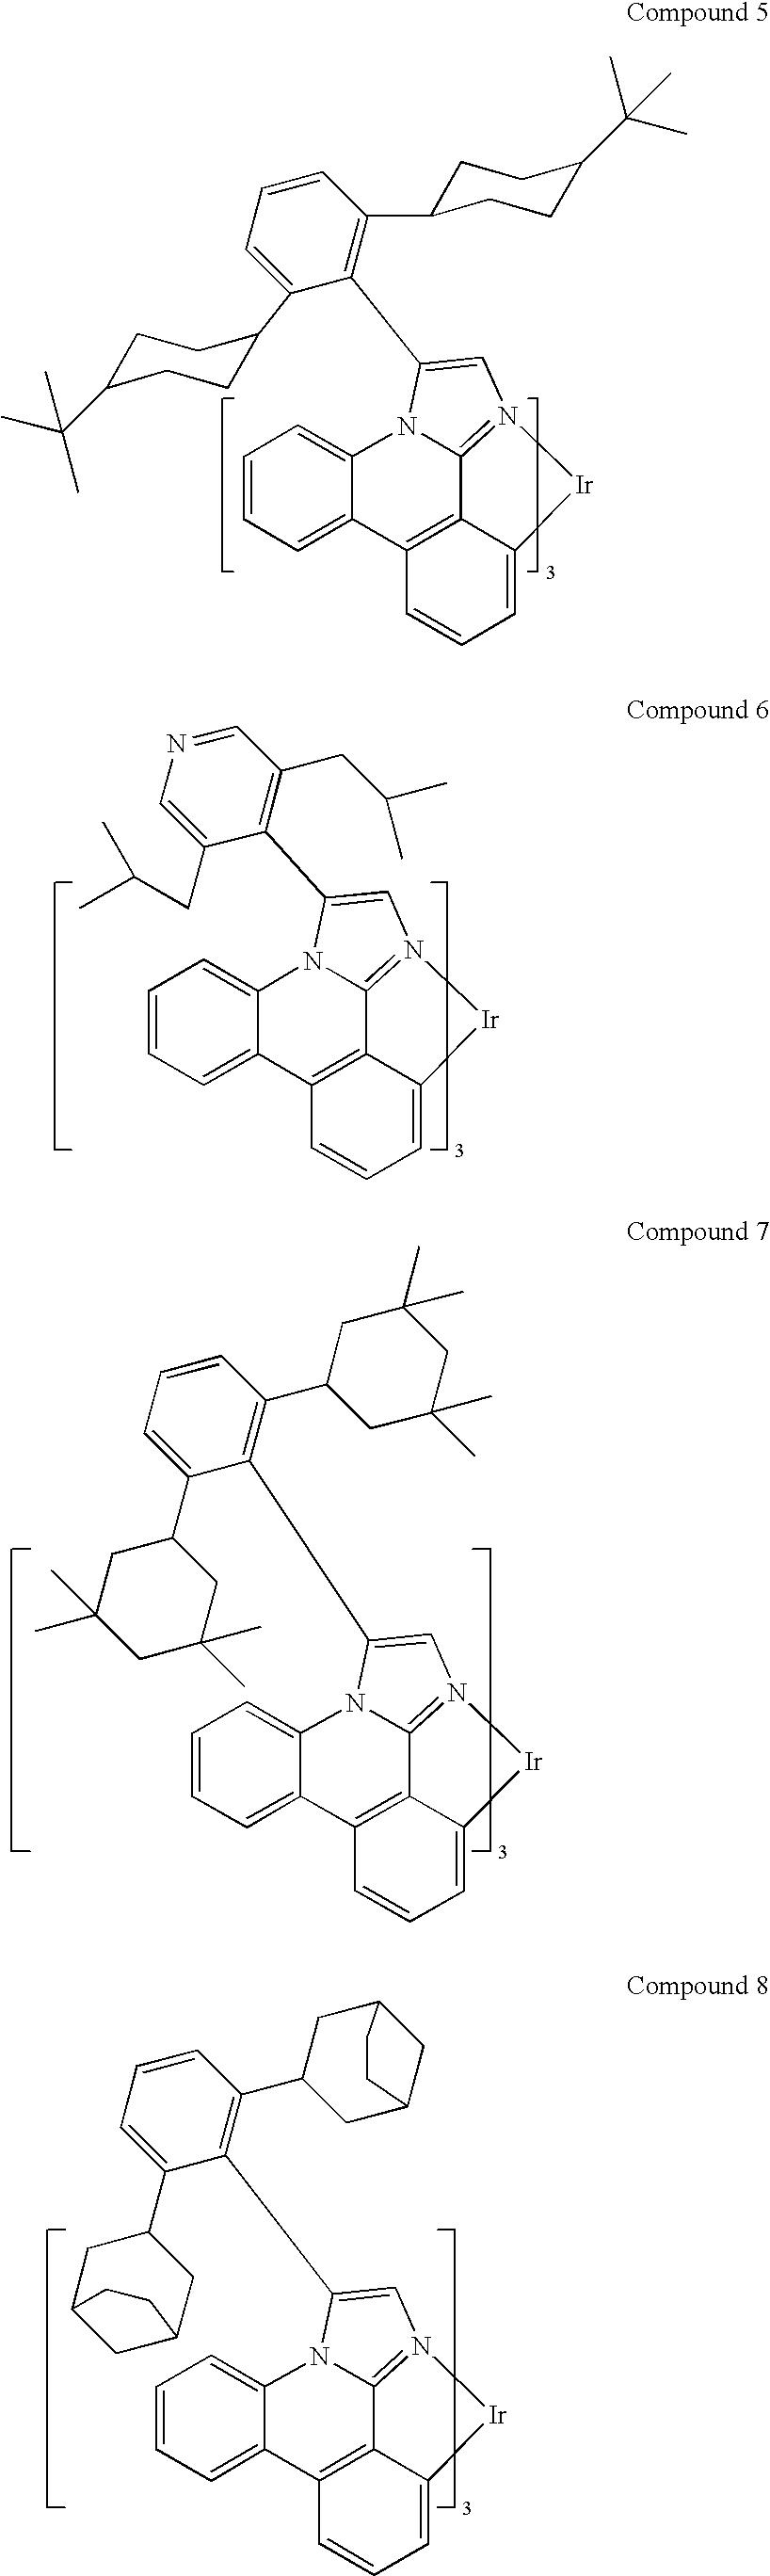 Figure US20100148663A1-20100617-C00008